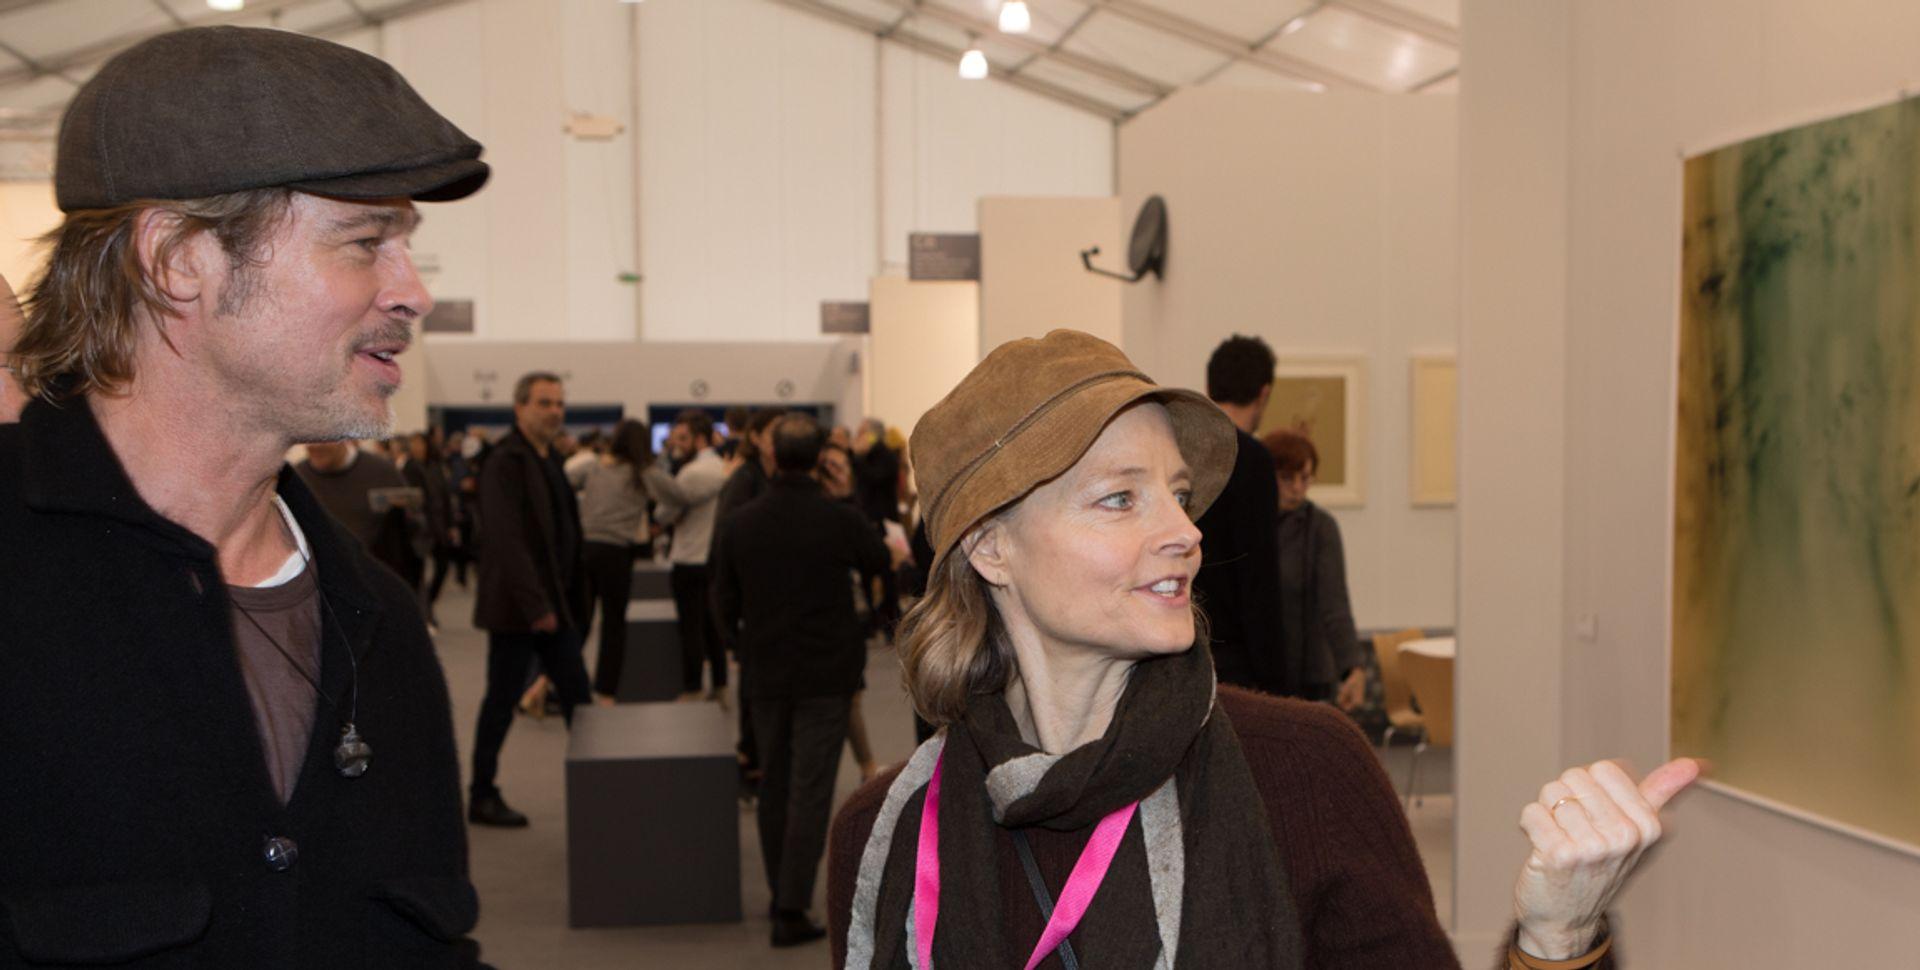 Photo: www.david-owens.co.uk